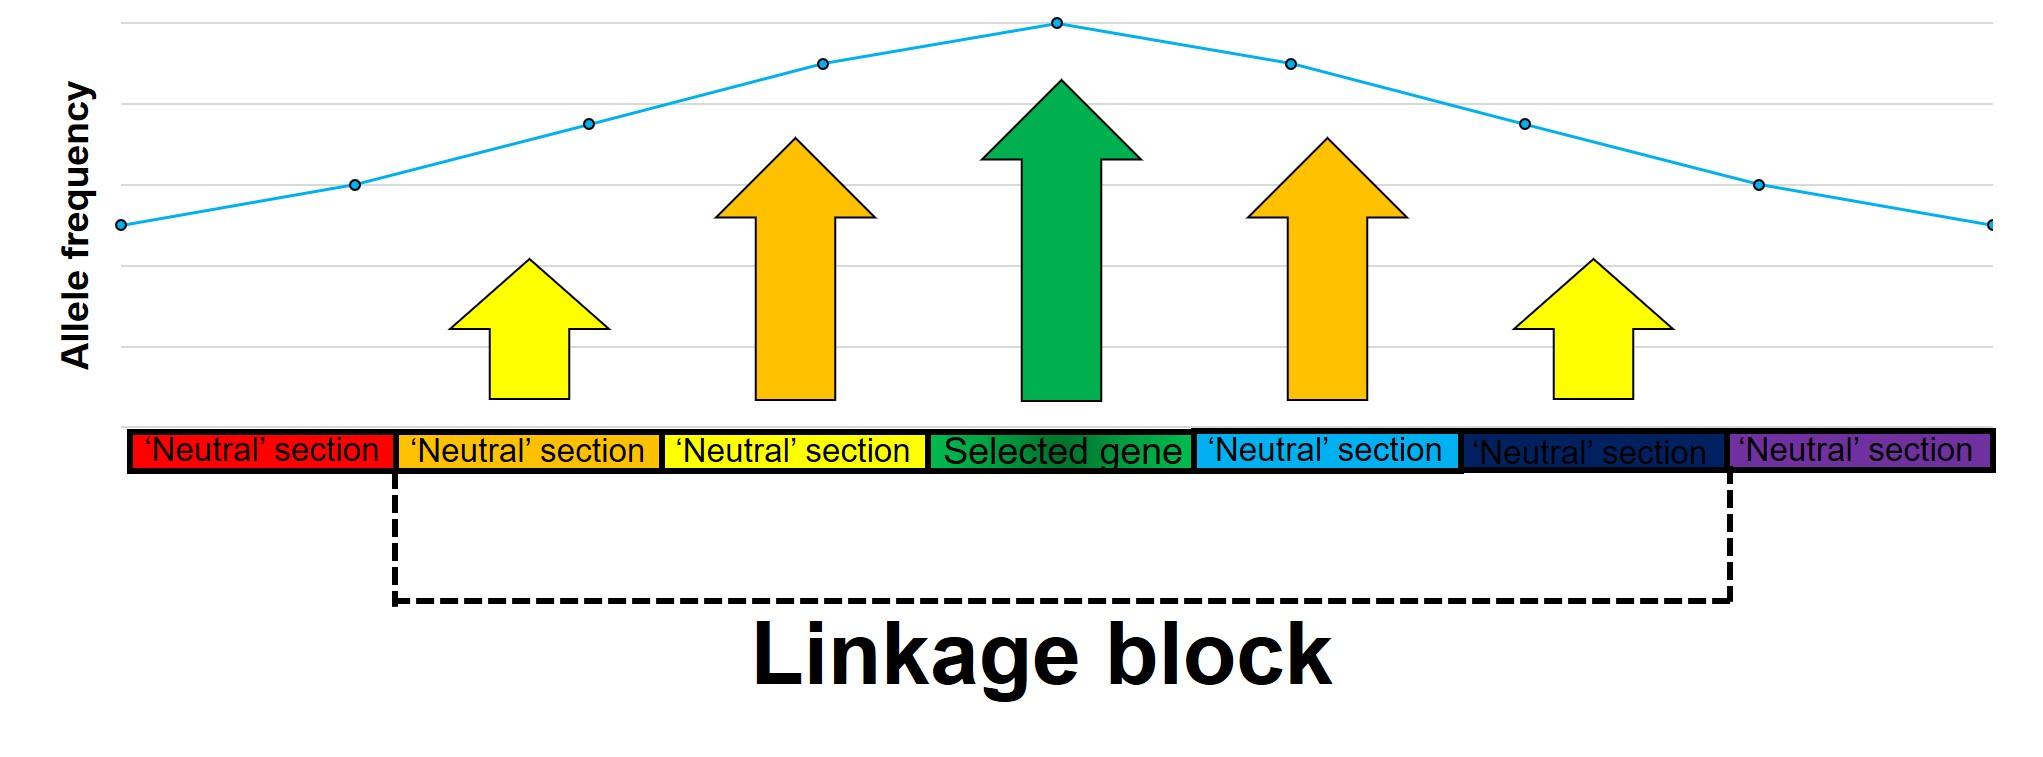 Linkage disequilibrium figure